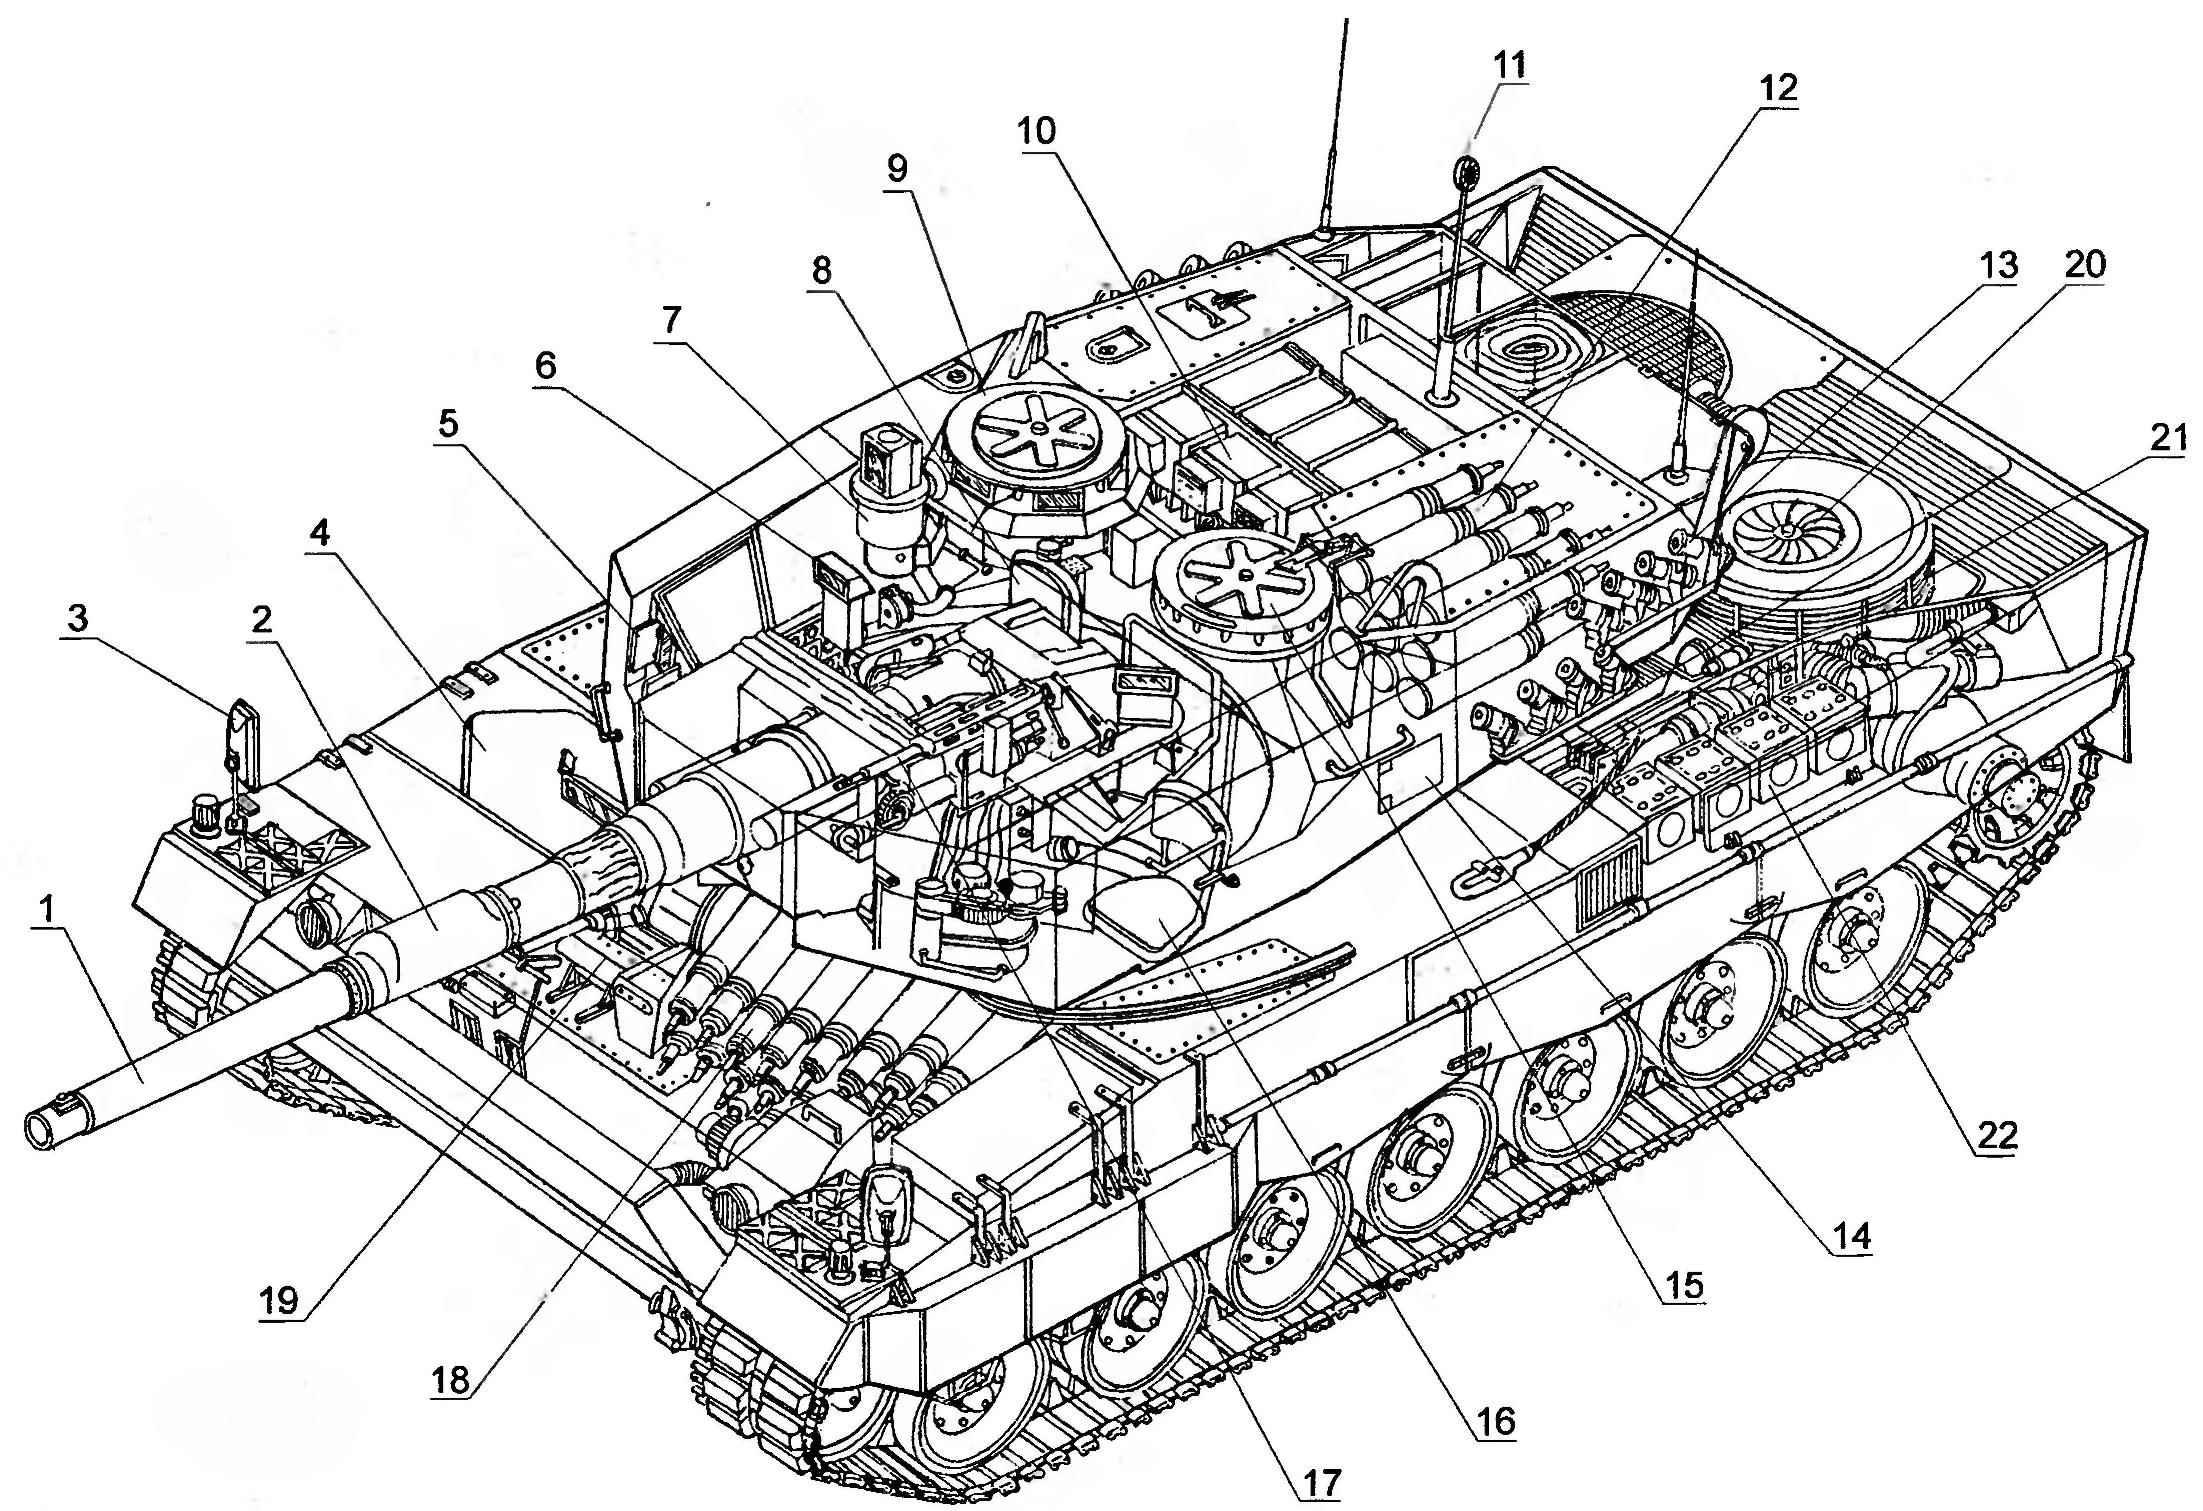 Компоновочная схема танка «Леопард» 21-й производственной серии